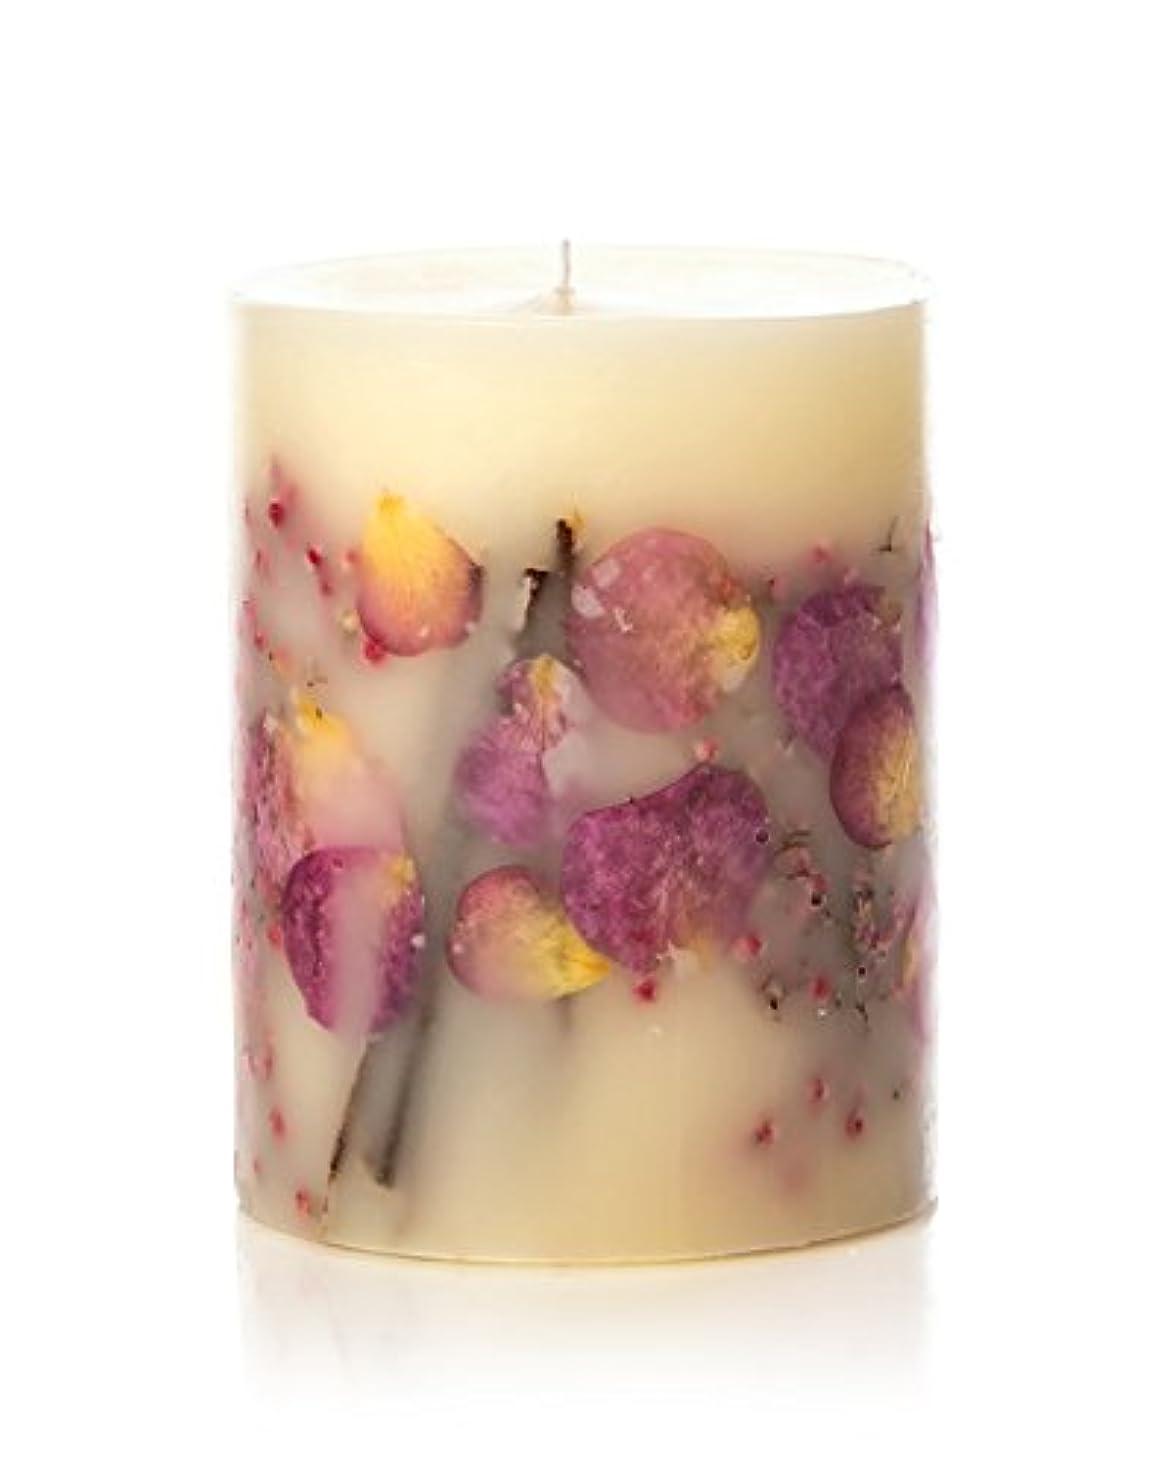 希少性アウトドアうまロージーリングス ボタニカルキャンドル ビッグラウンド アプリコット&ローズ ROSY RINGS Round Botanical Candle Big Round – Apricot Rose